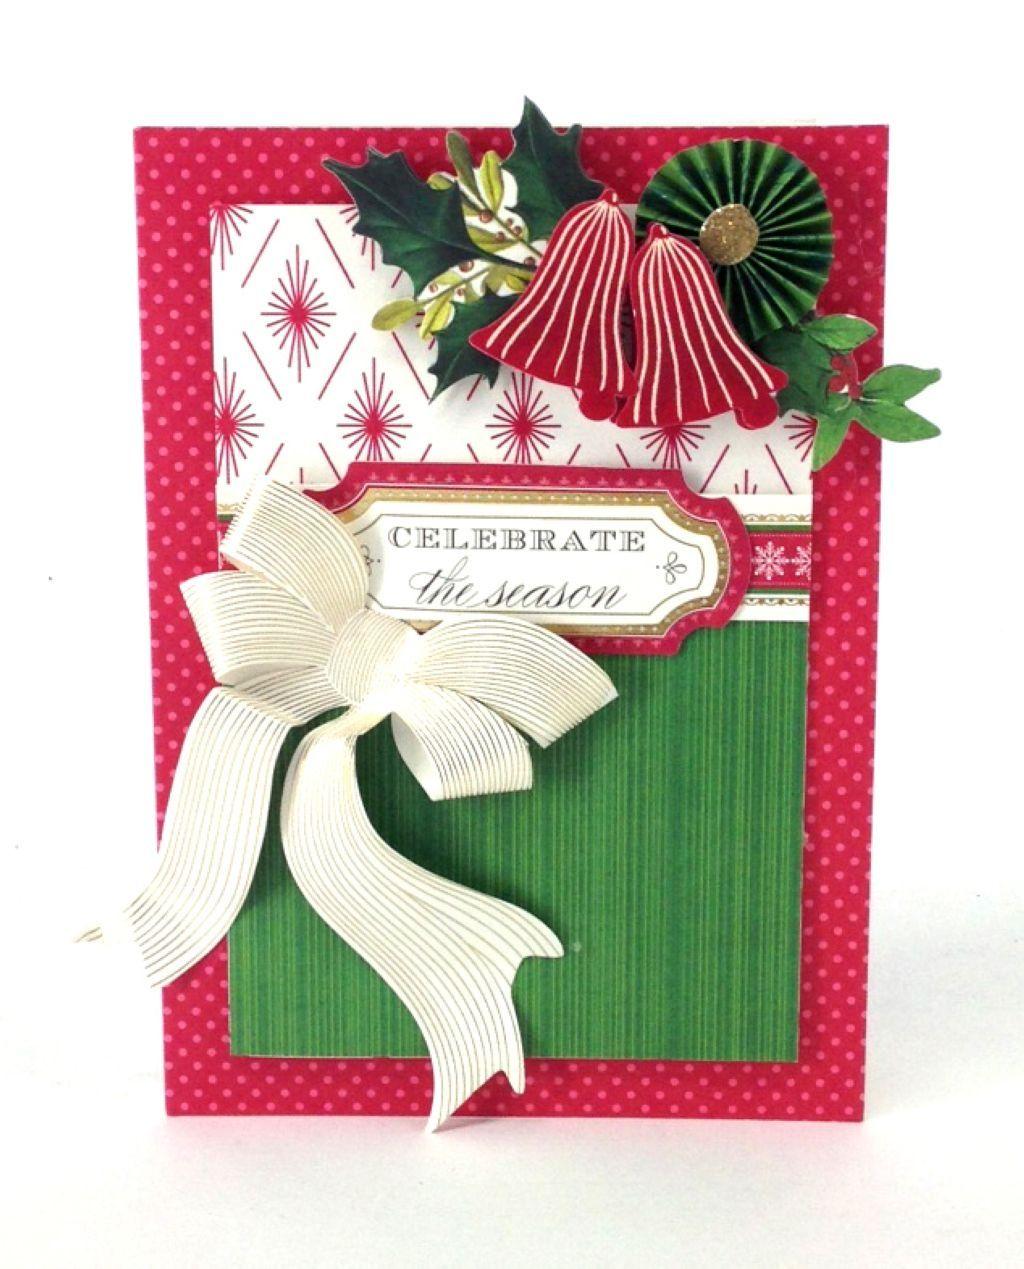 38 Stunning DIY Christmas Card Ideas | DIY Christmas, Card ideas and ...